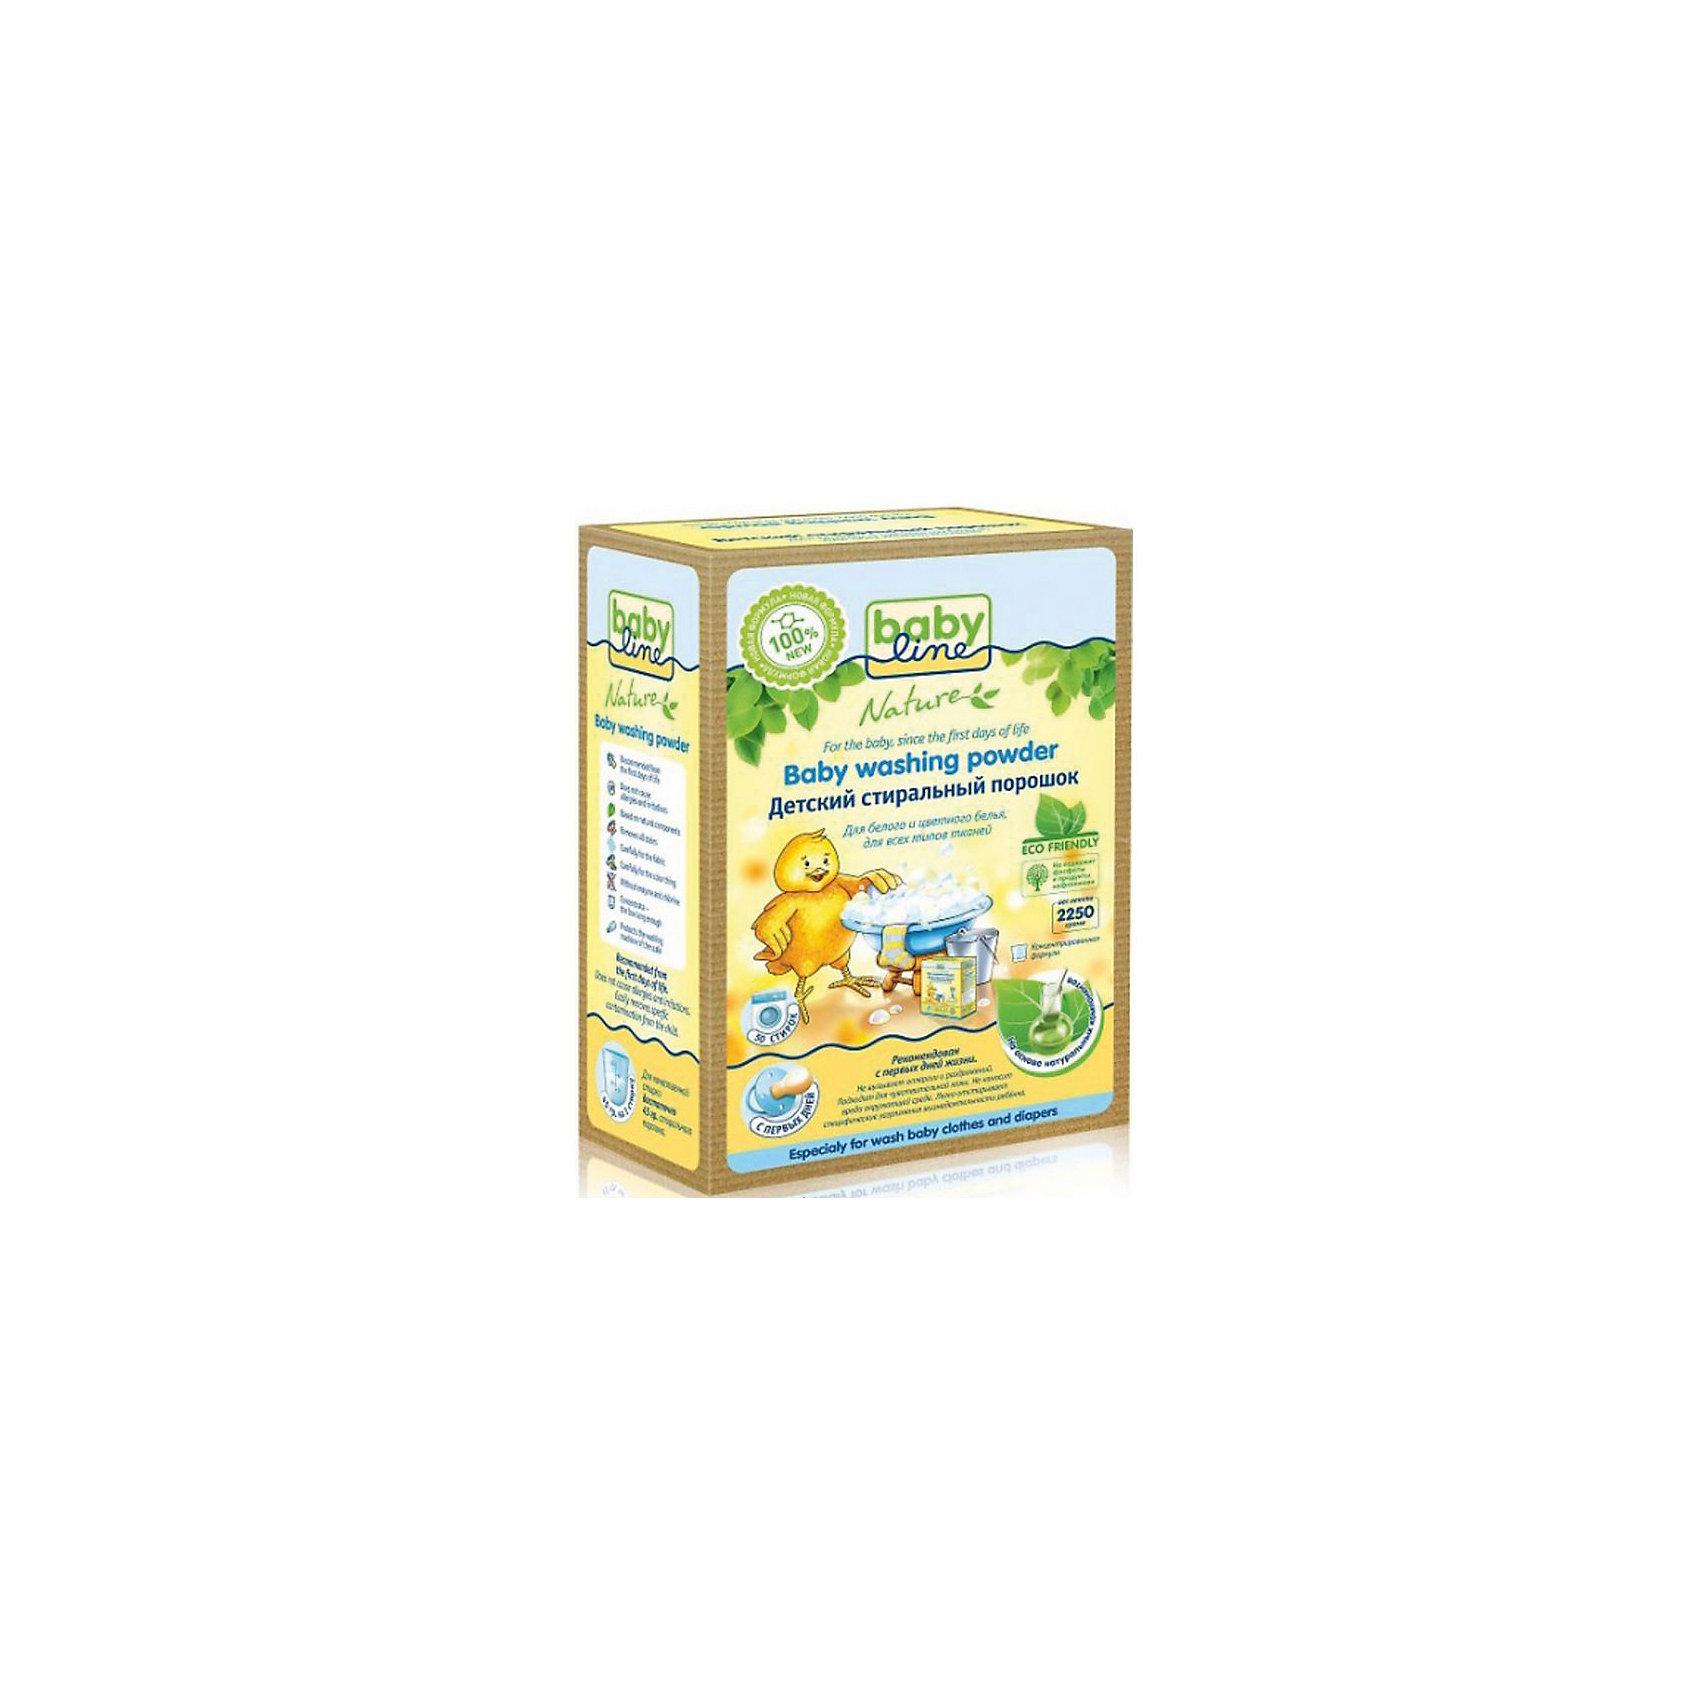 Babyline Детский стиральный порошок концентрат 2,25 кг., BABYLINE sodasan стиральный порошок концентрат для детских изделий 1 2 кг